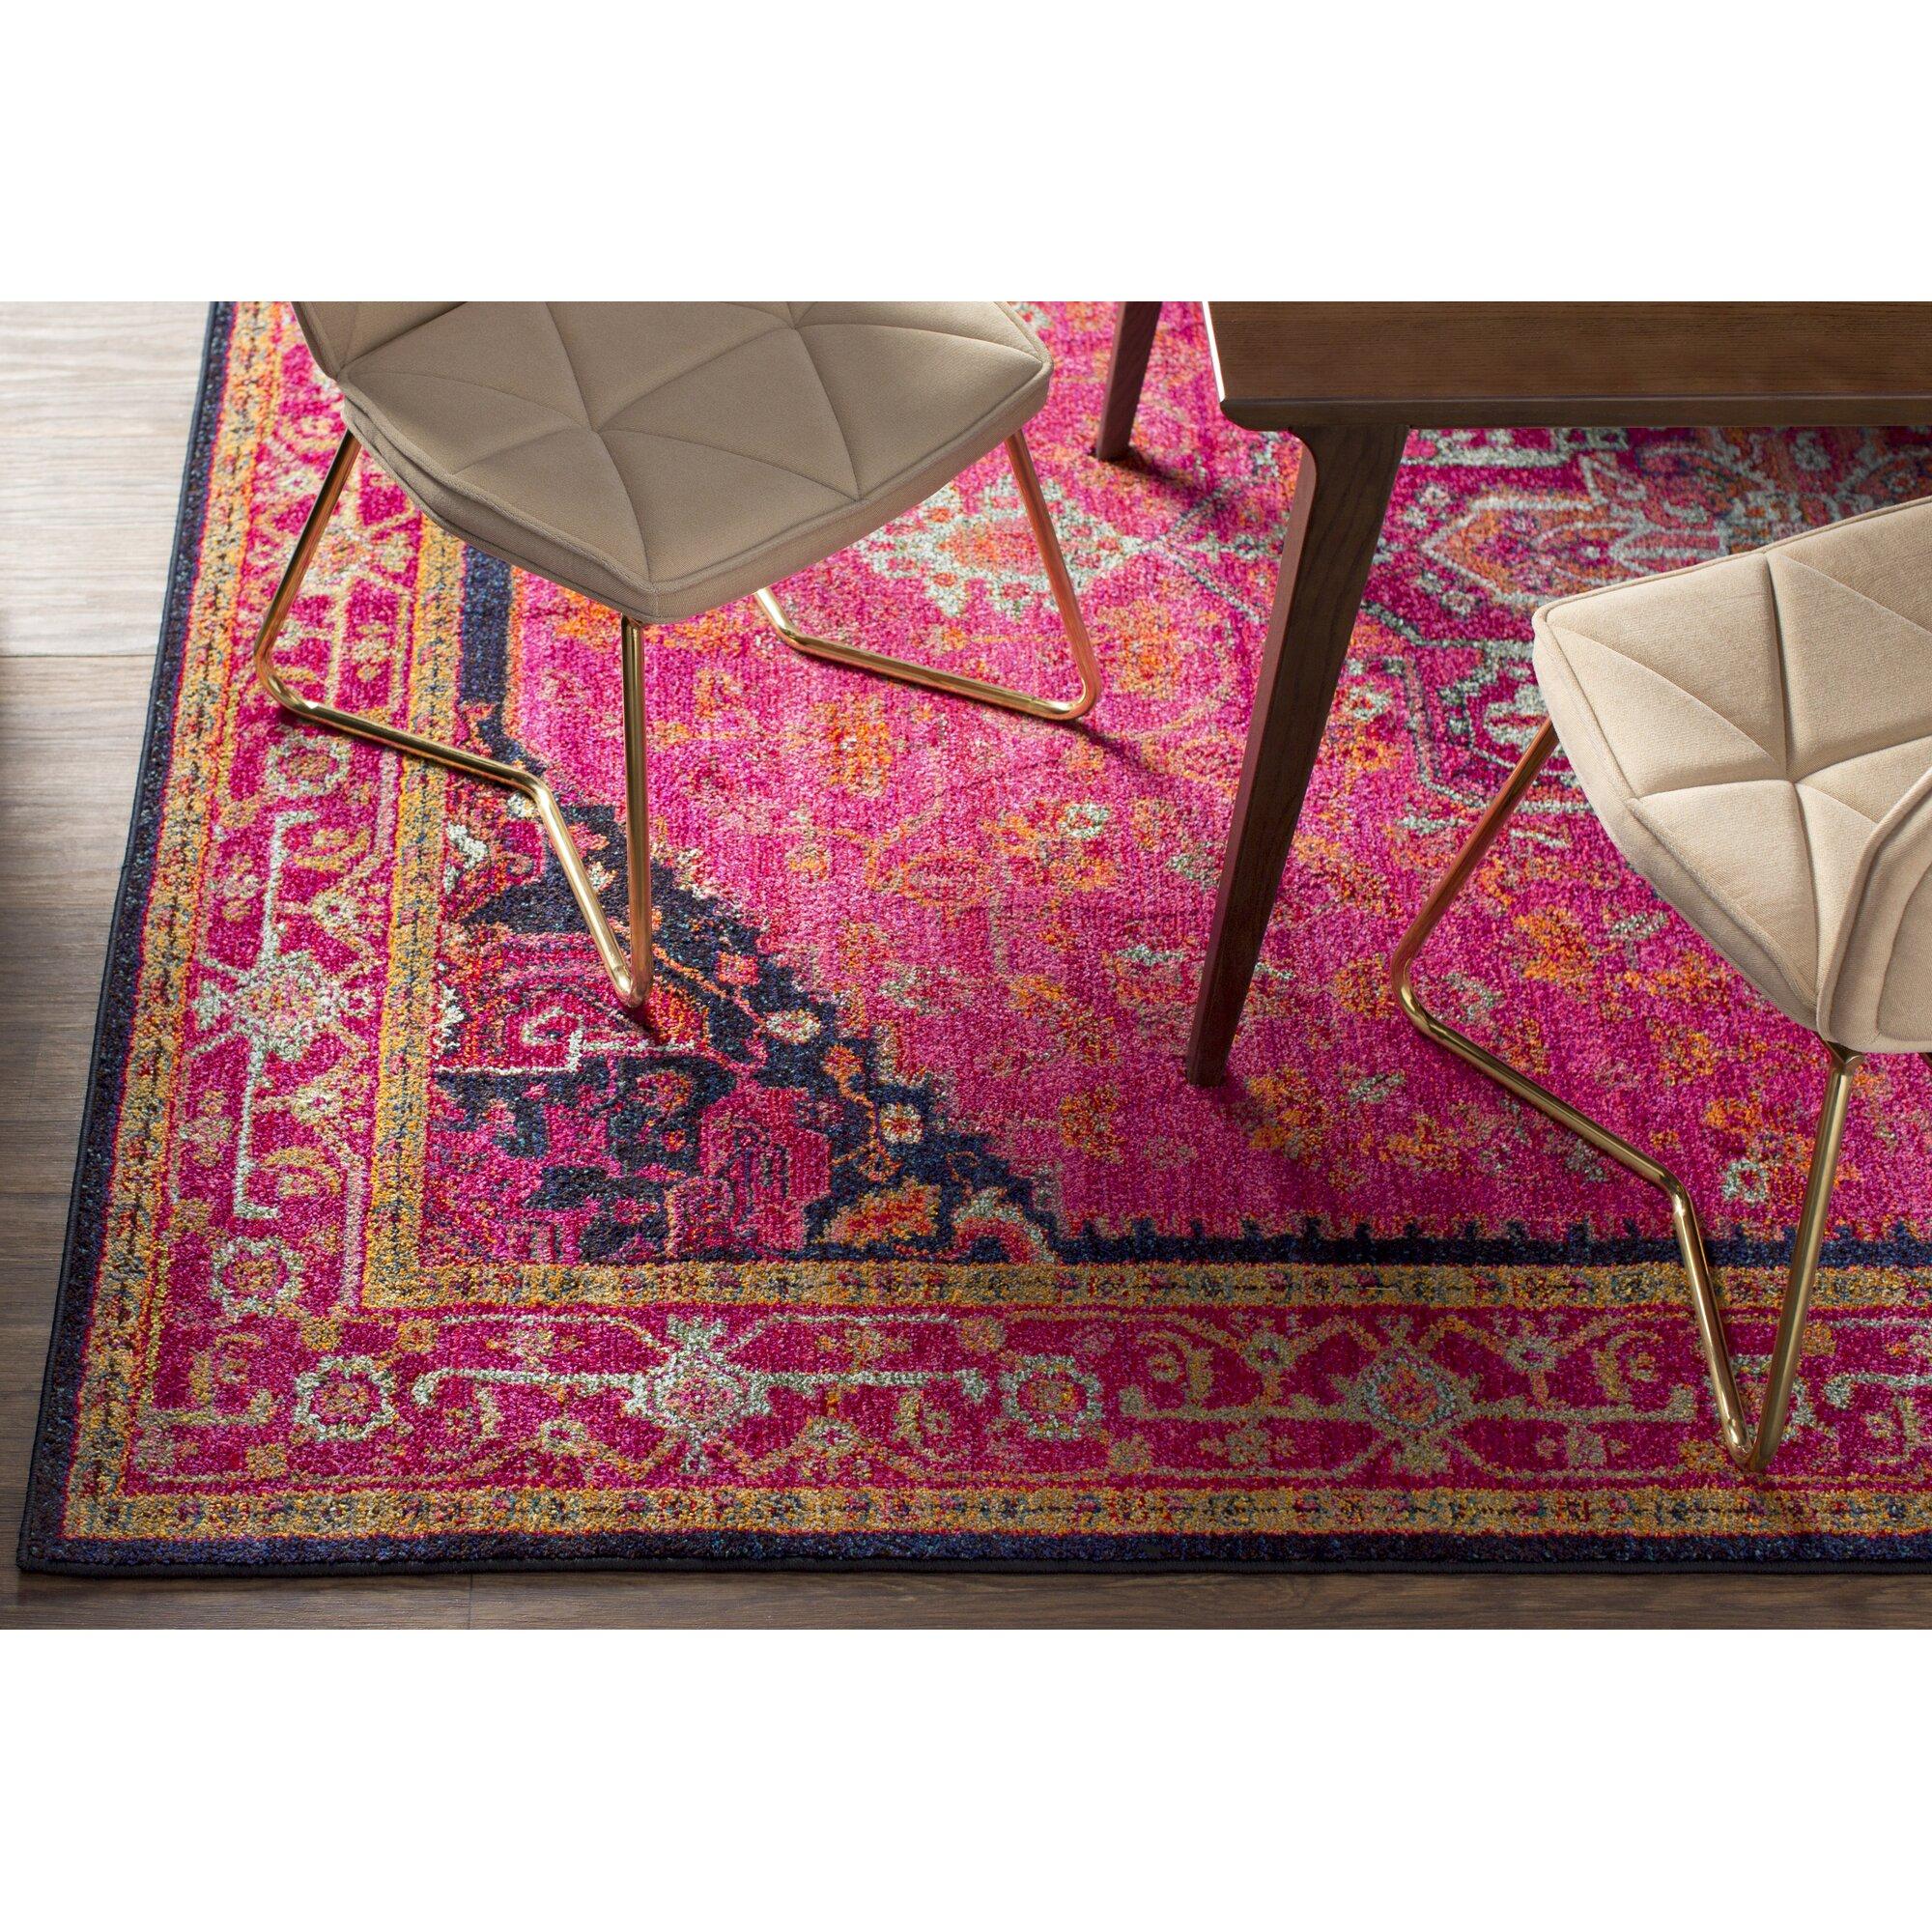 denali pink blue area rug reviews joss main. Black Bedroom Furniture Sets. Home Design Ideas